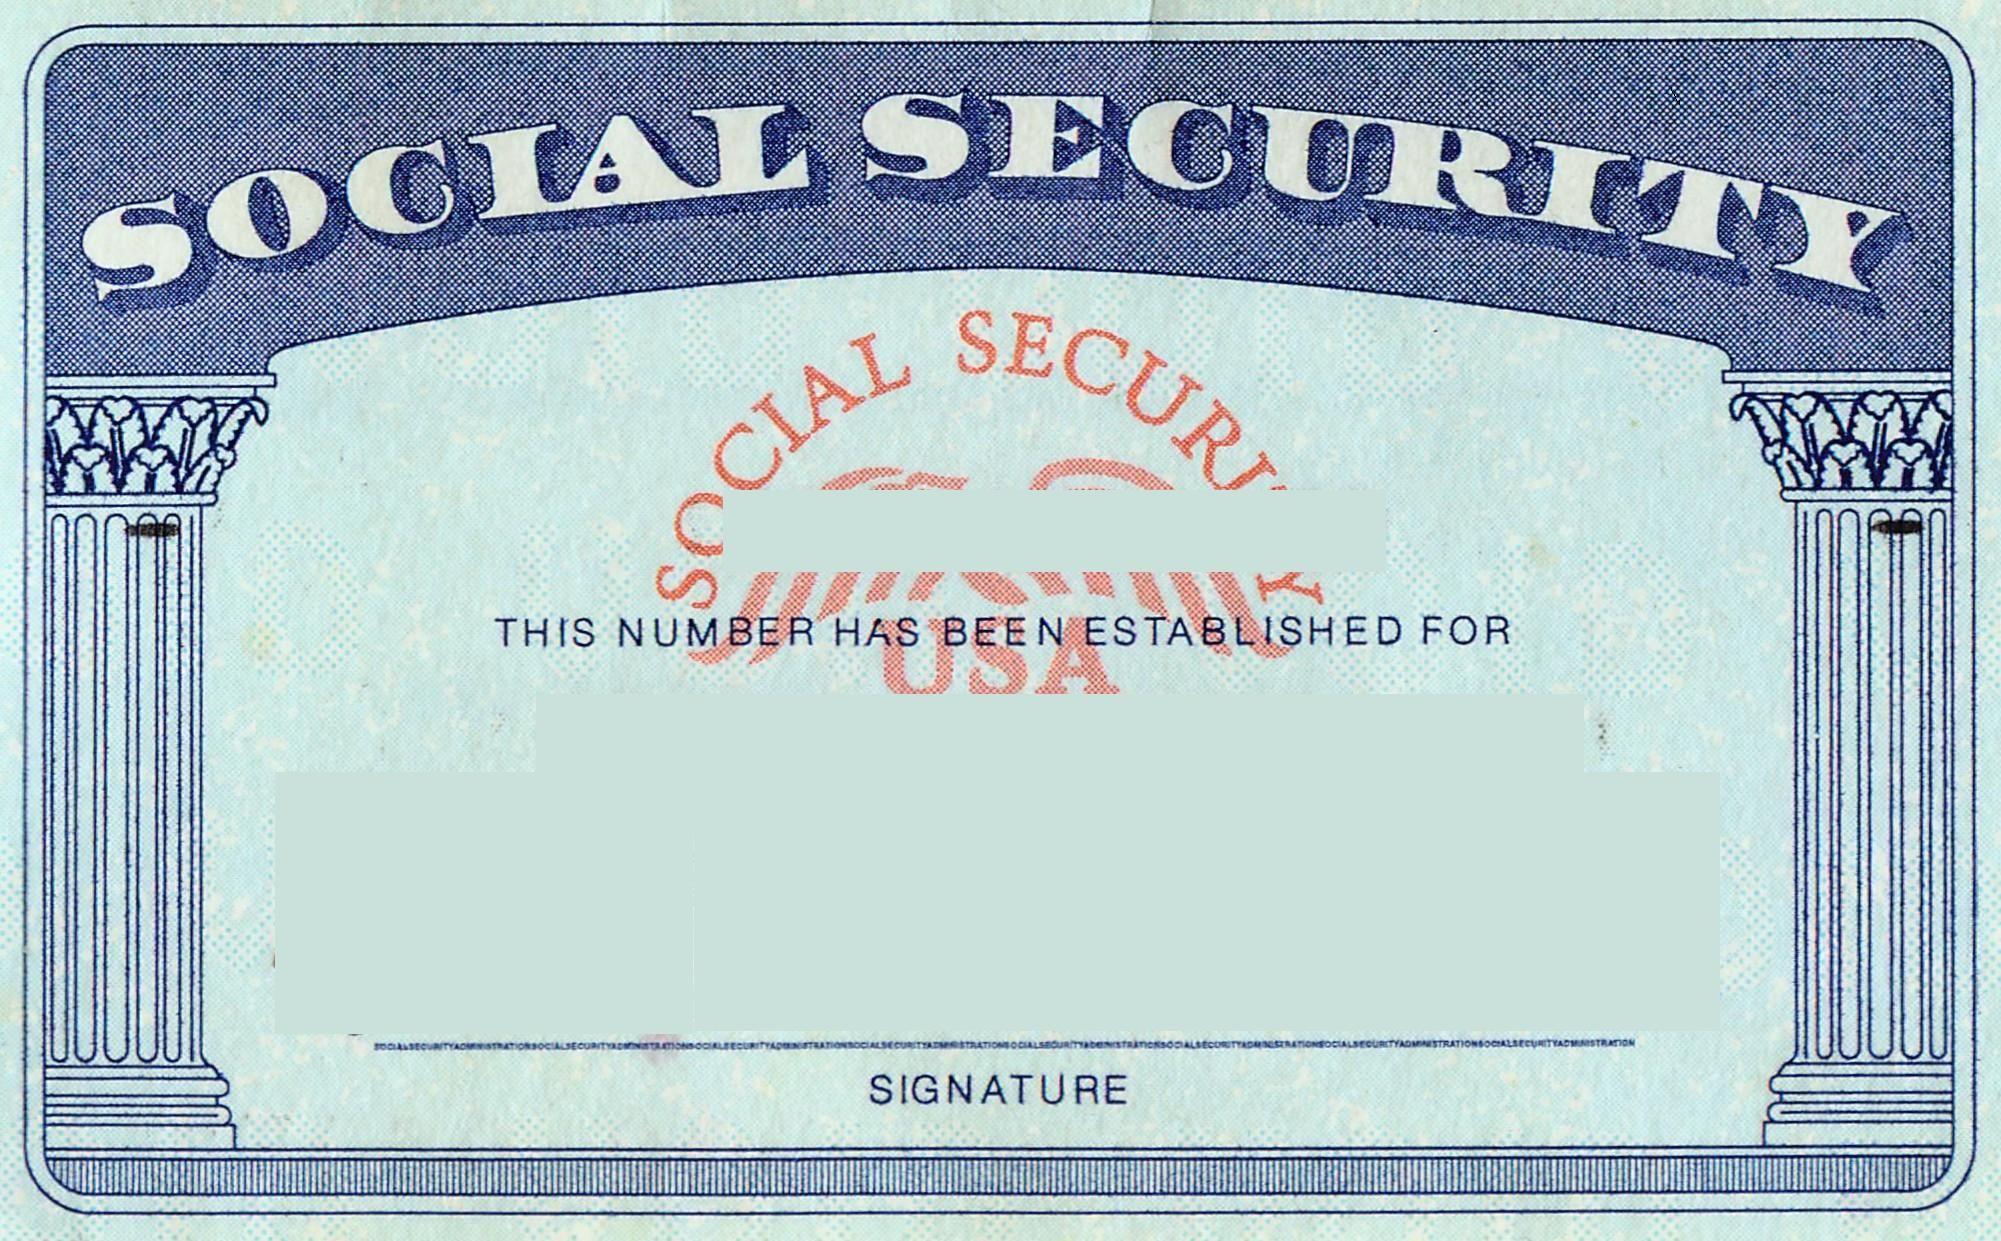 Blank Social Security Card Template | Social Security Card Inside Social Security Card Template Free